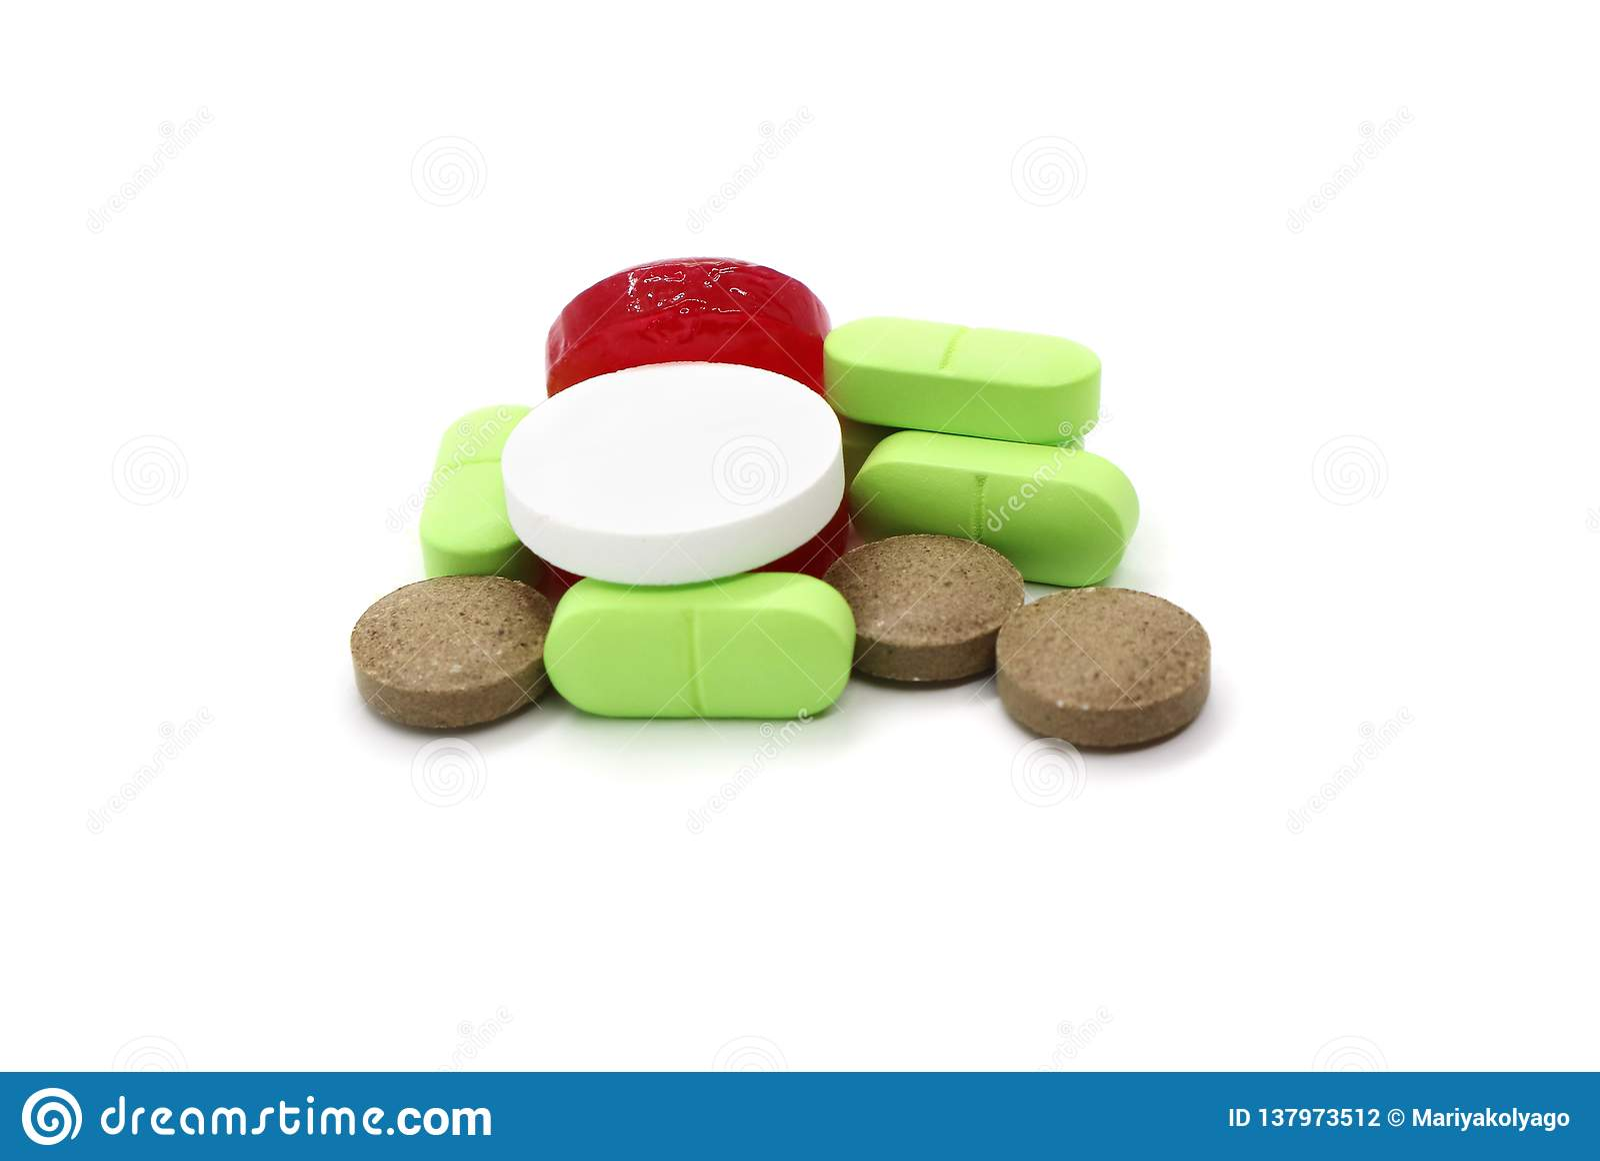 Läkarbehandlingpiller är en grupp av mång--färgade objekt som isoleras på en vit